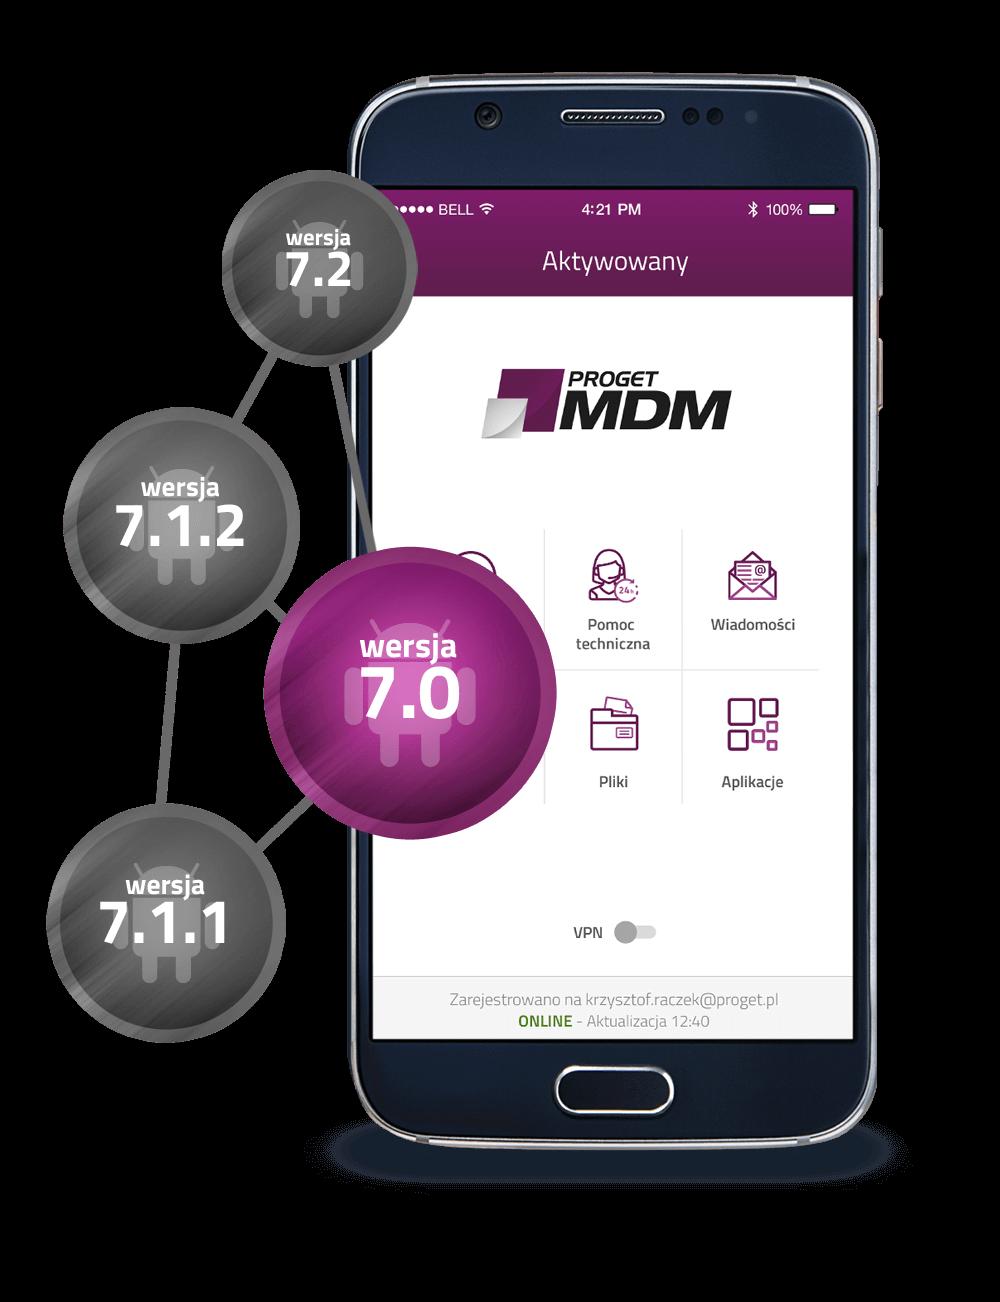 proget mdm- zarządzanie urządzeniami mobilnymi